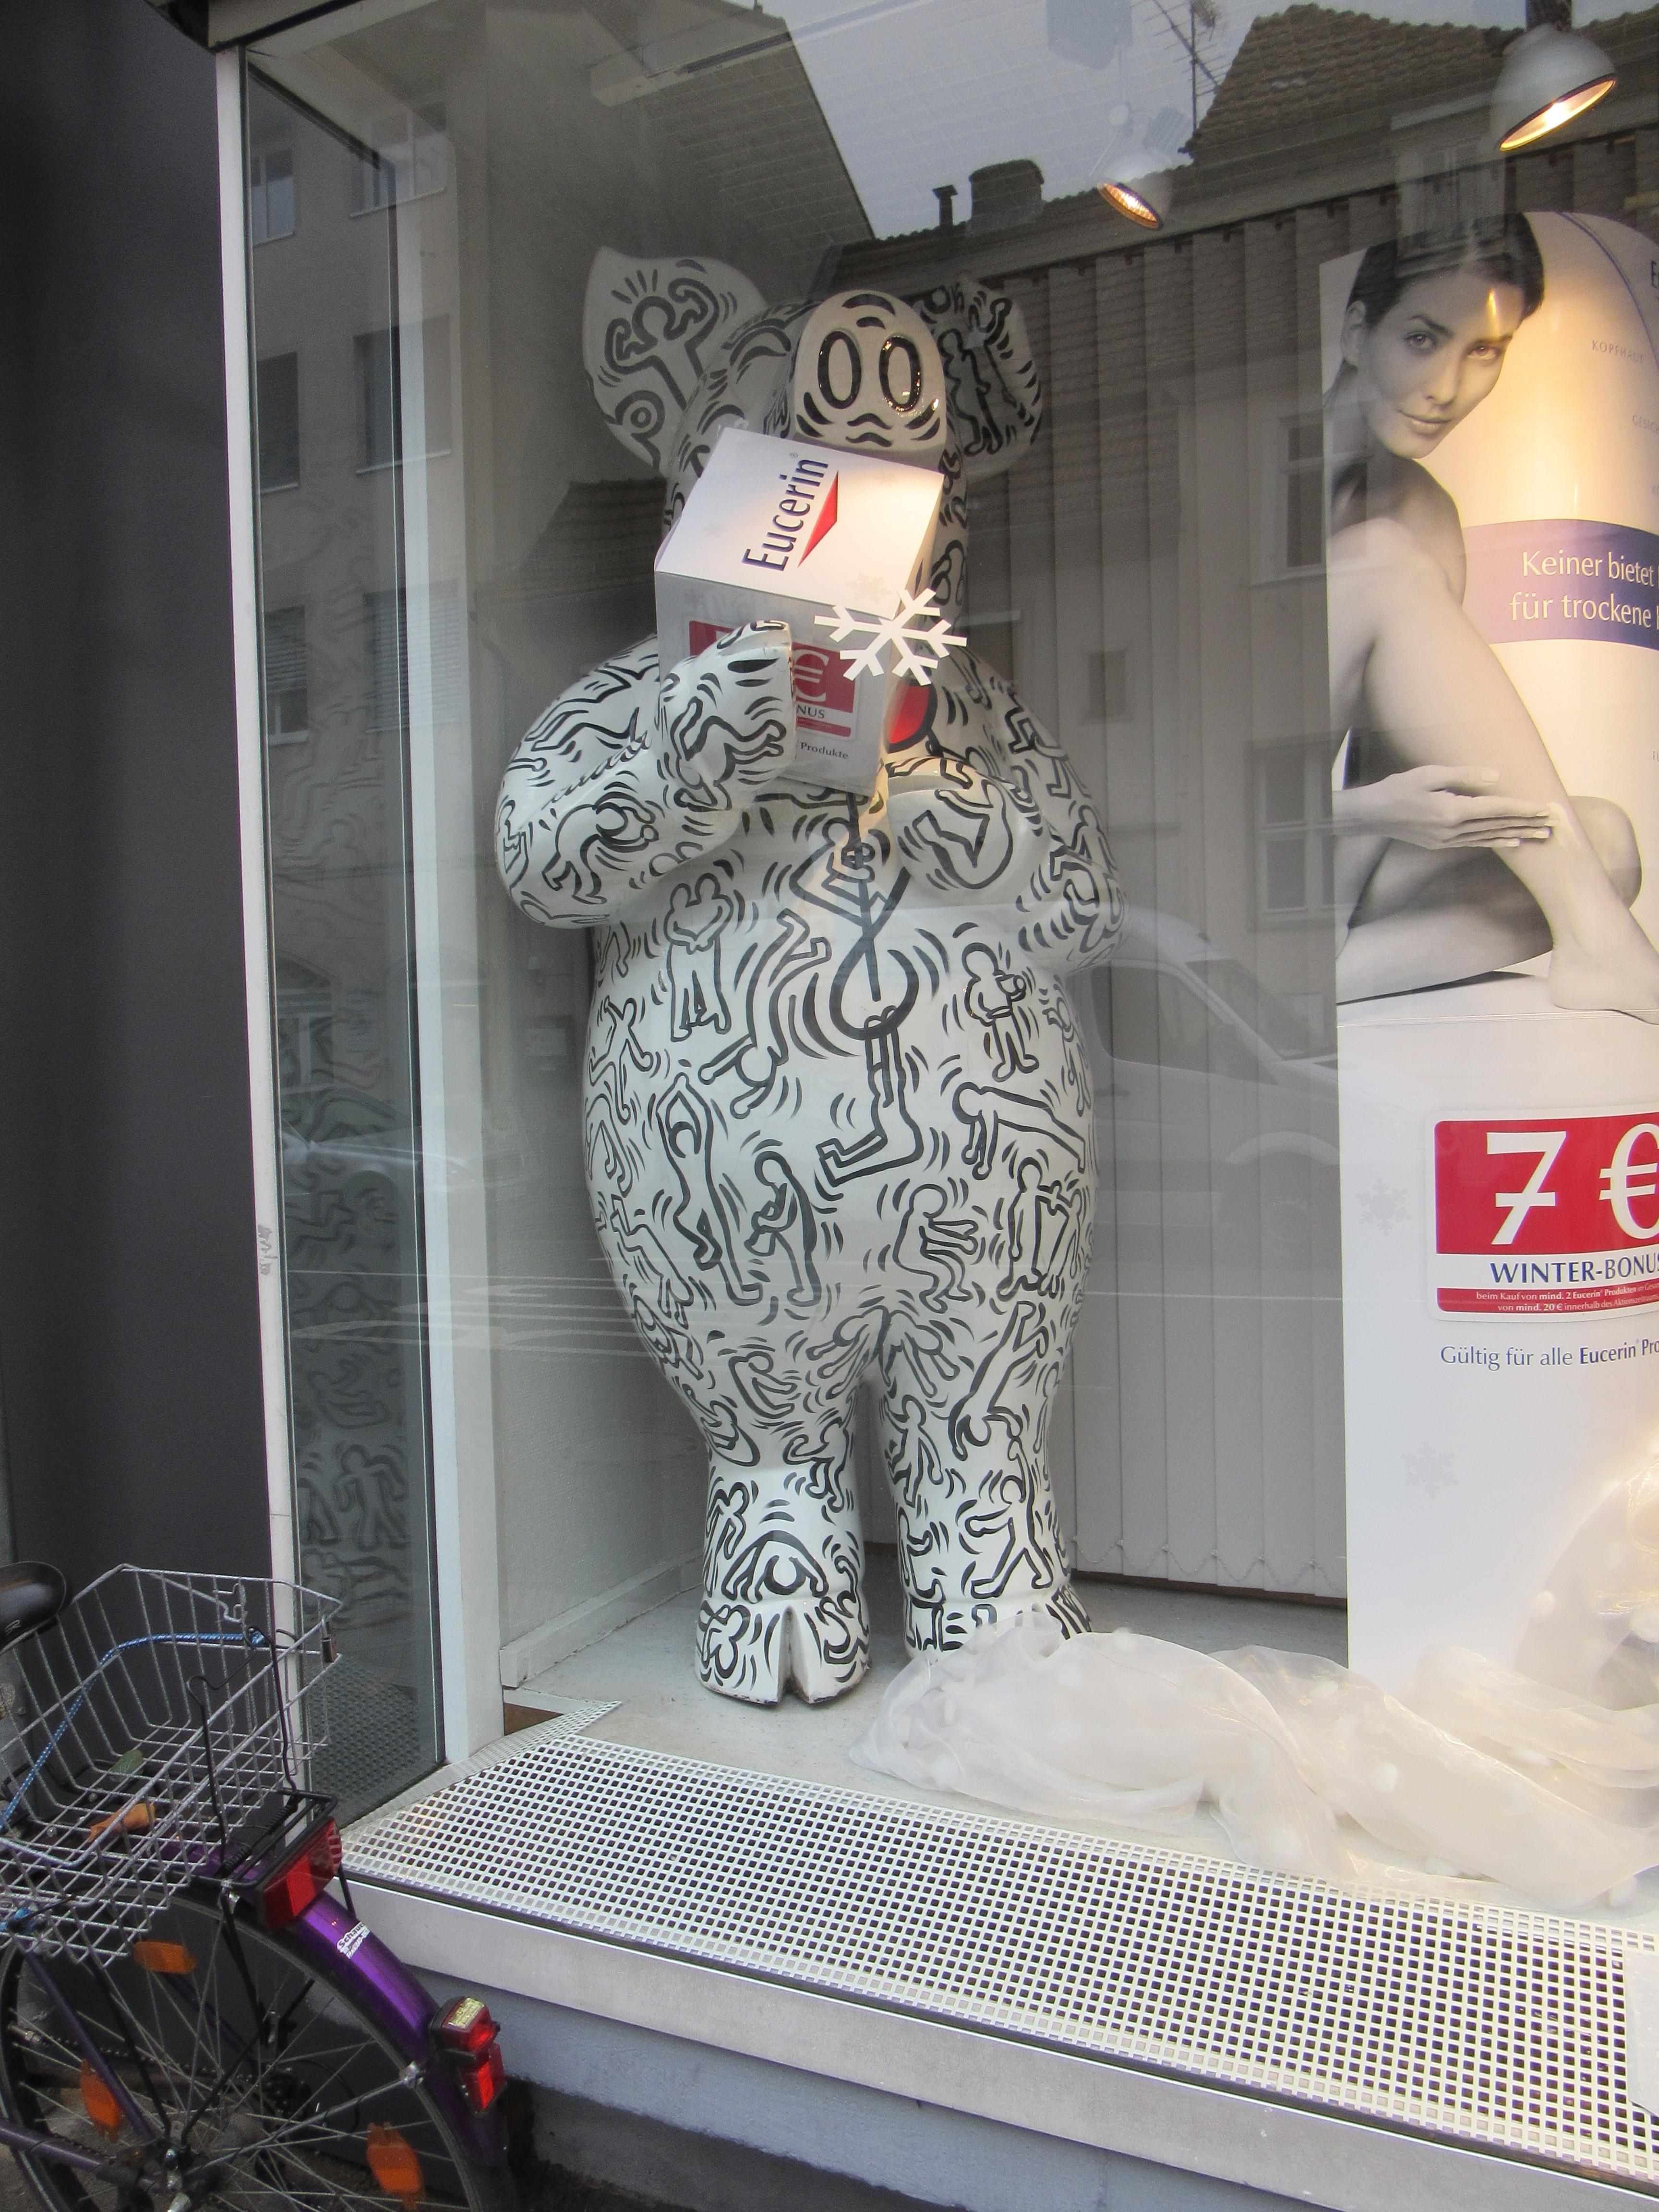 The pharmacy pig.